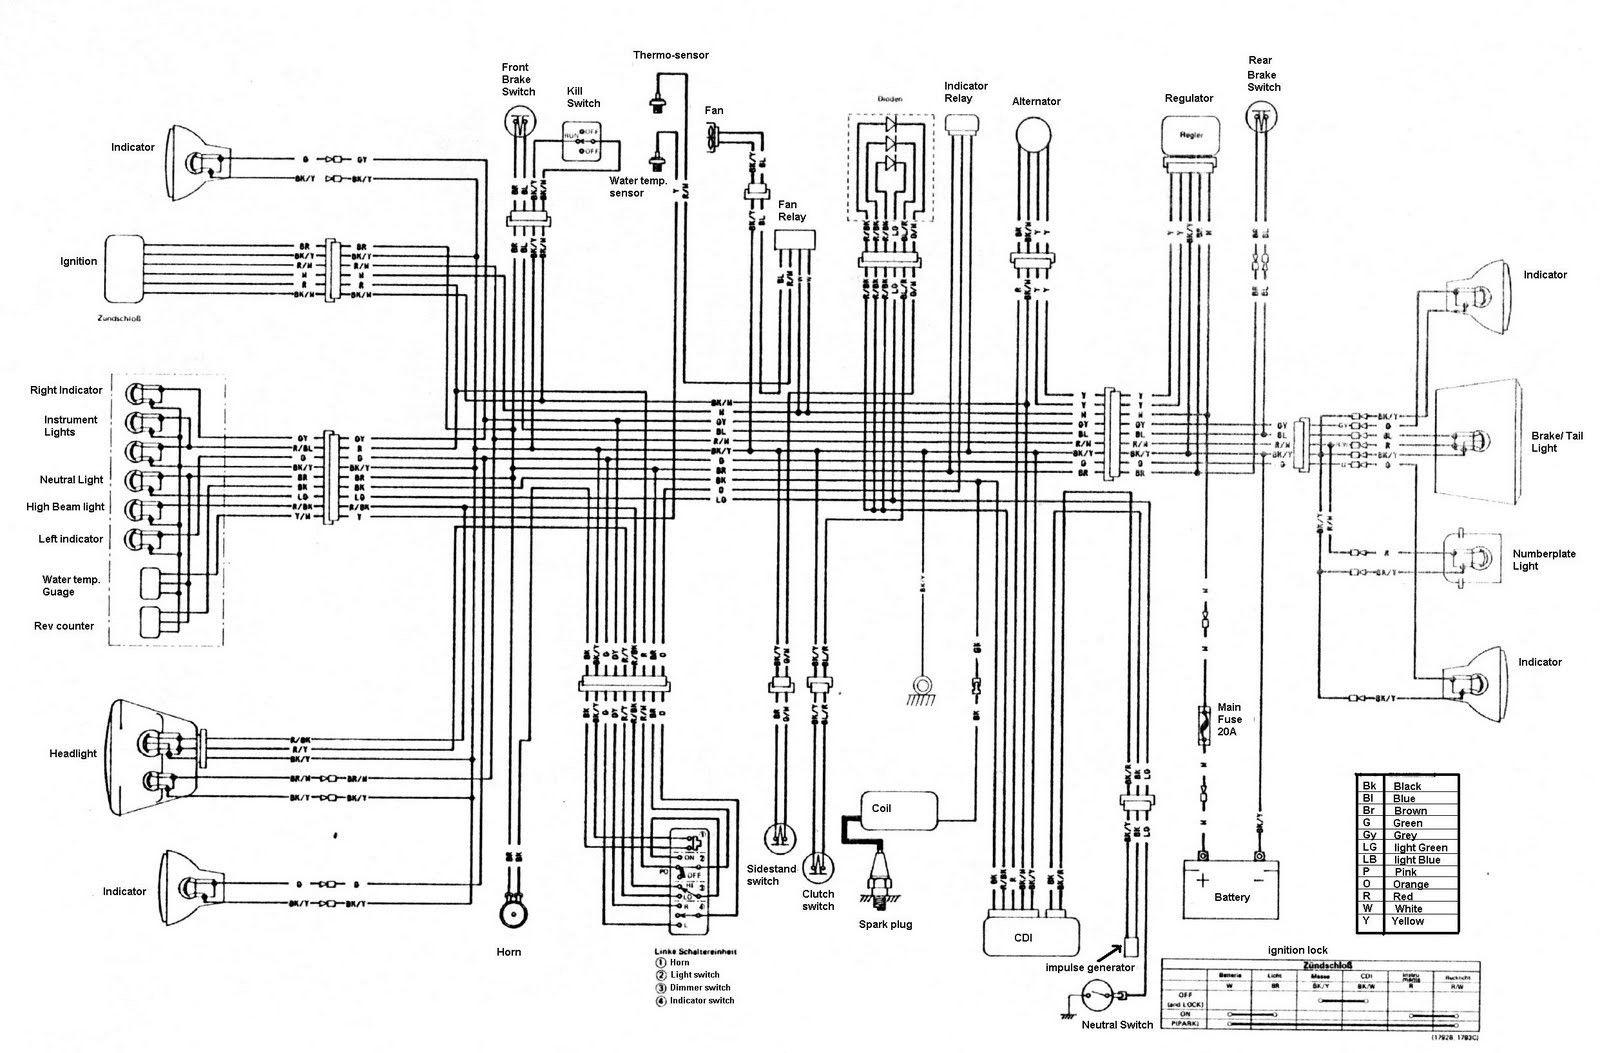 Klx650 Wiring Diagram Wiring Diagram